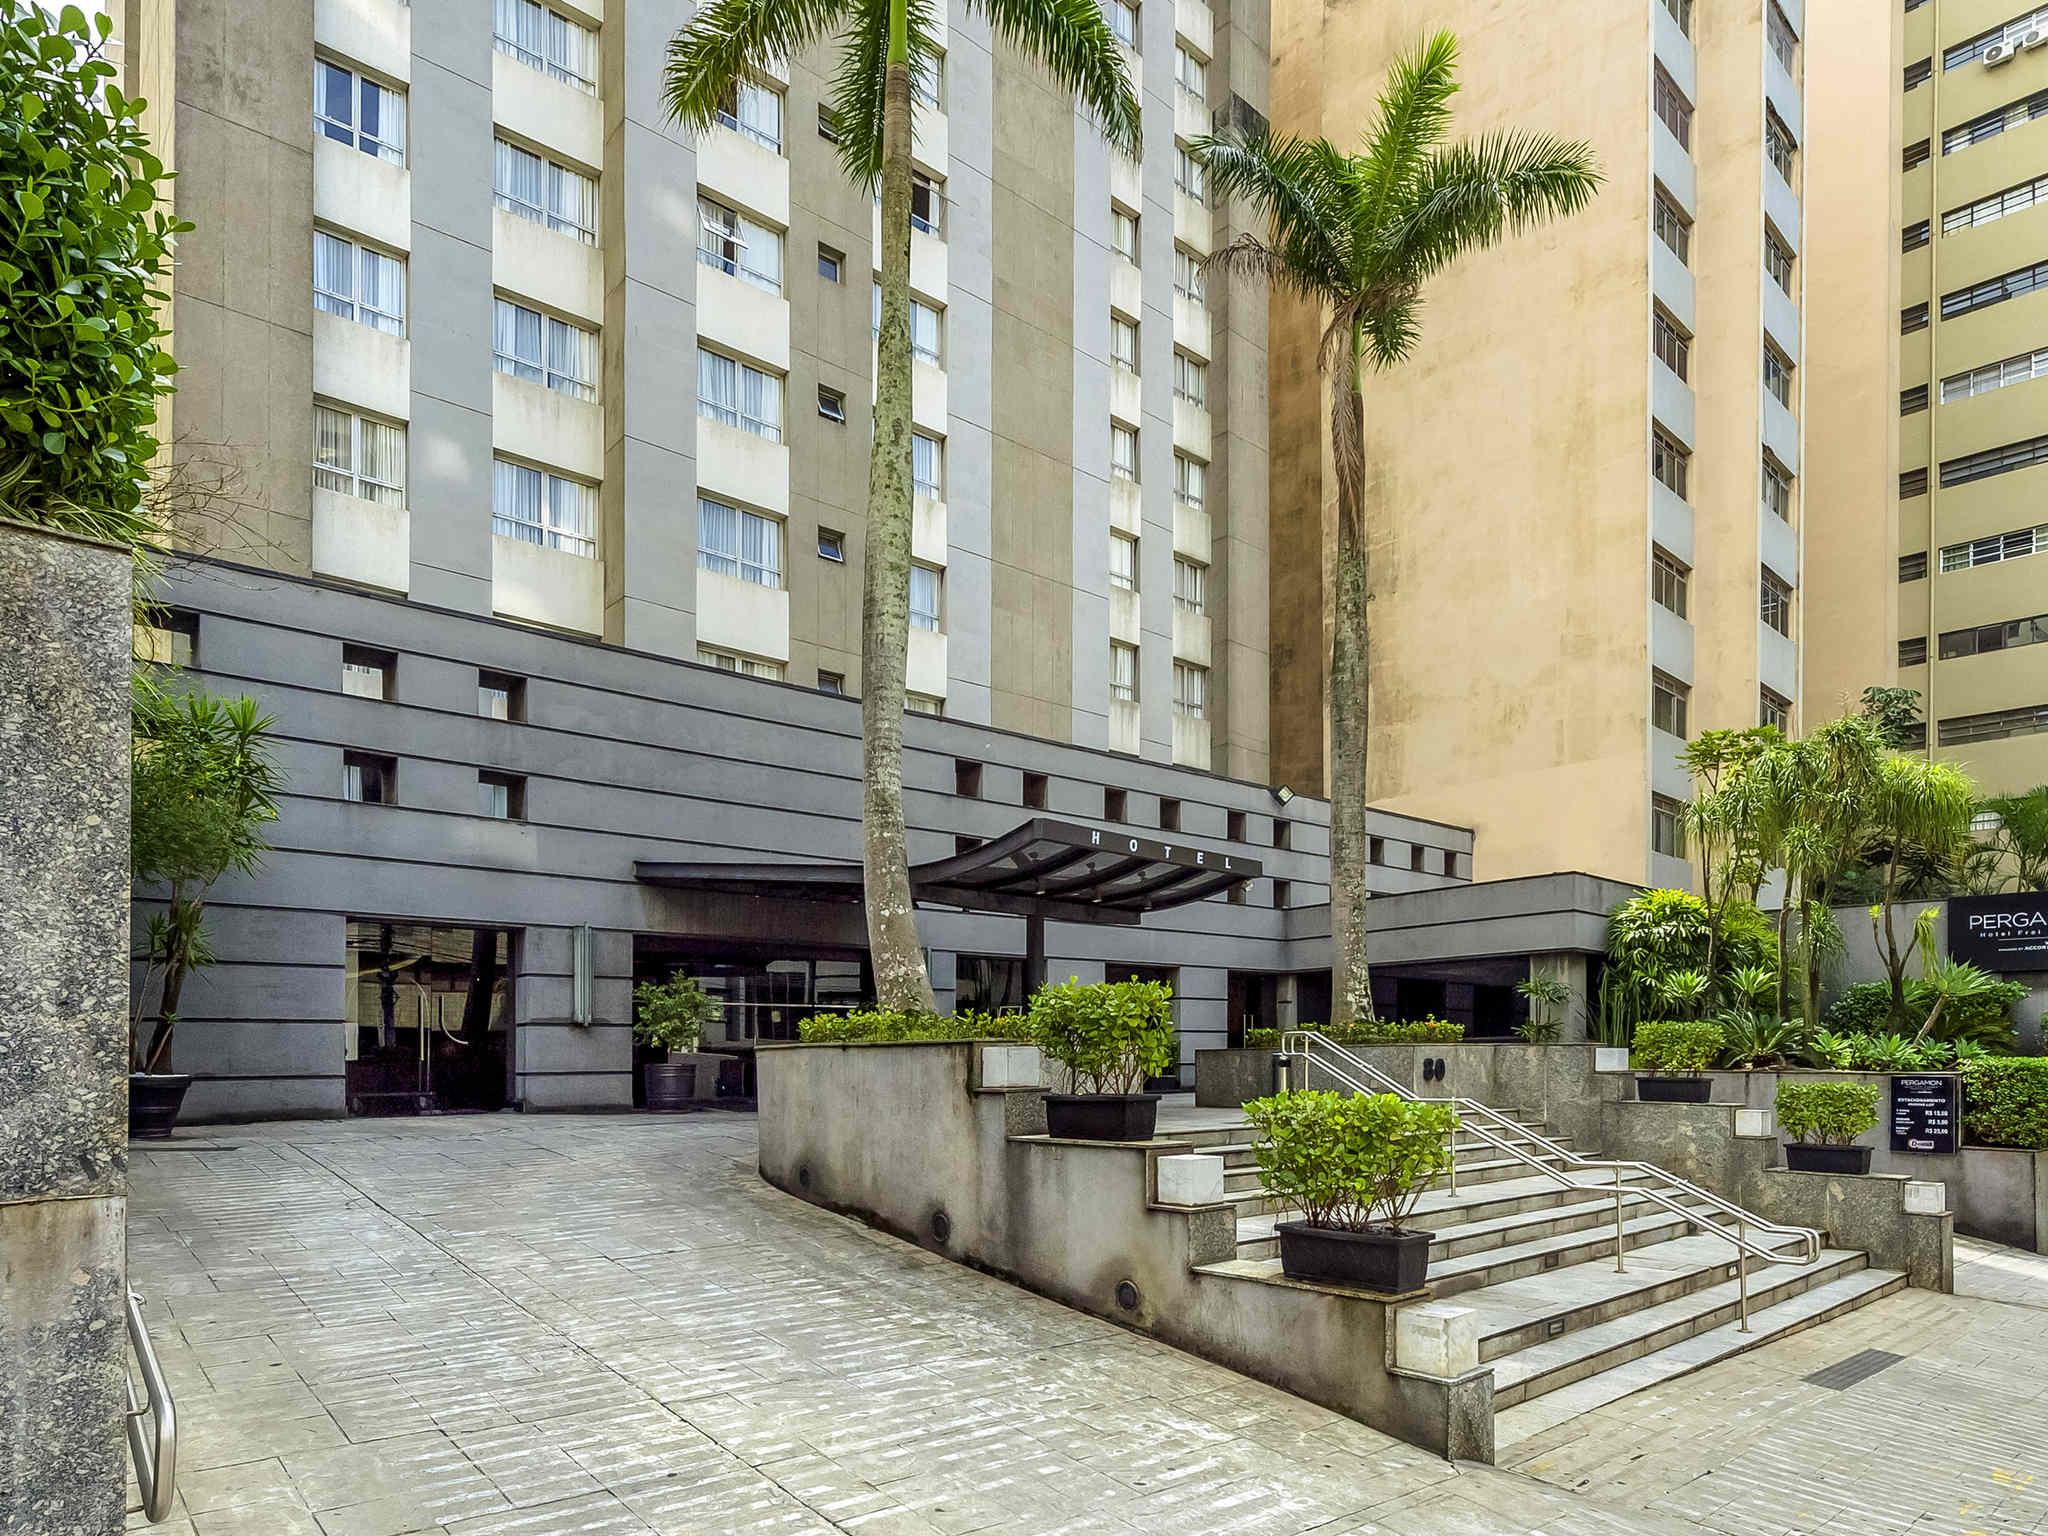 โรงแรม – Pergamon Hotel Frei Caneca - Managed by AccorHotels